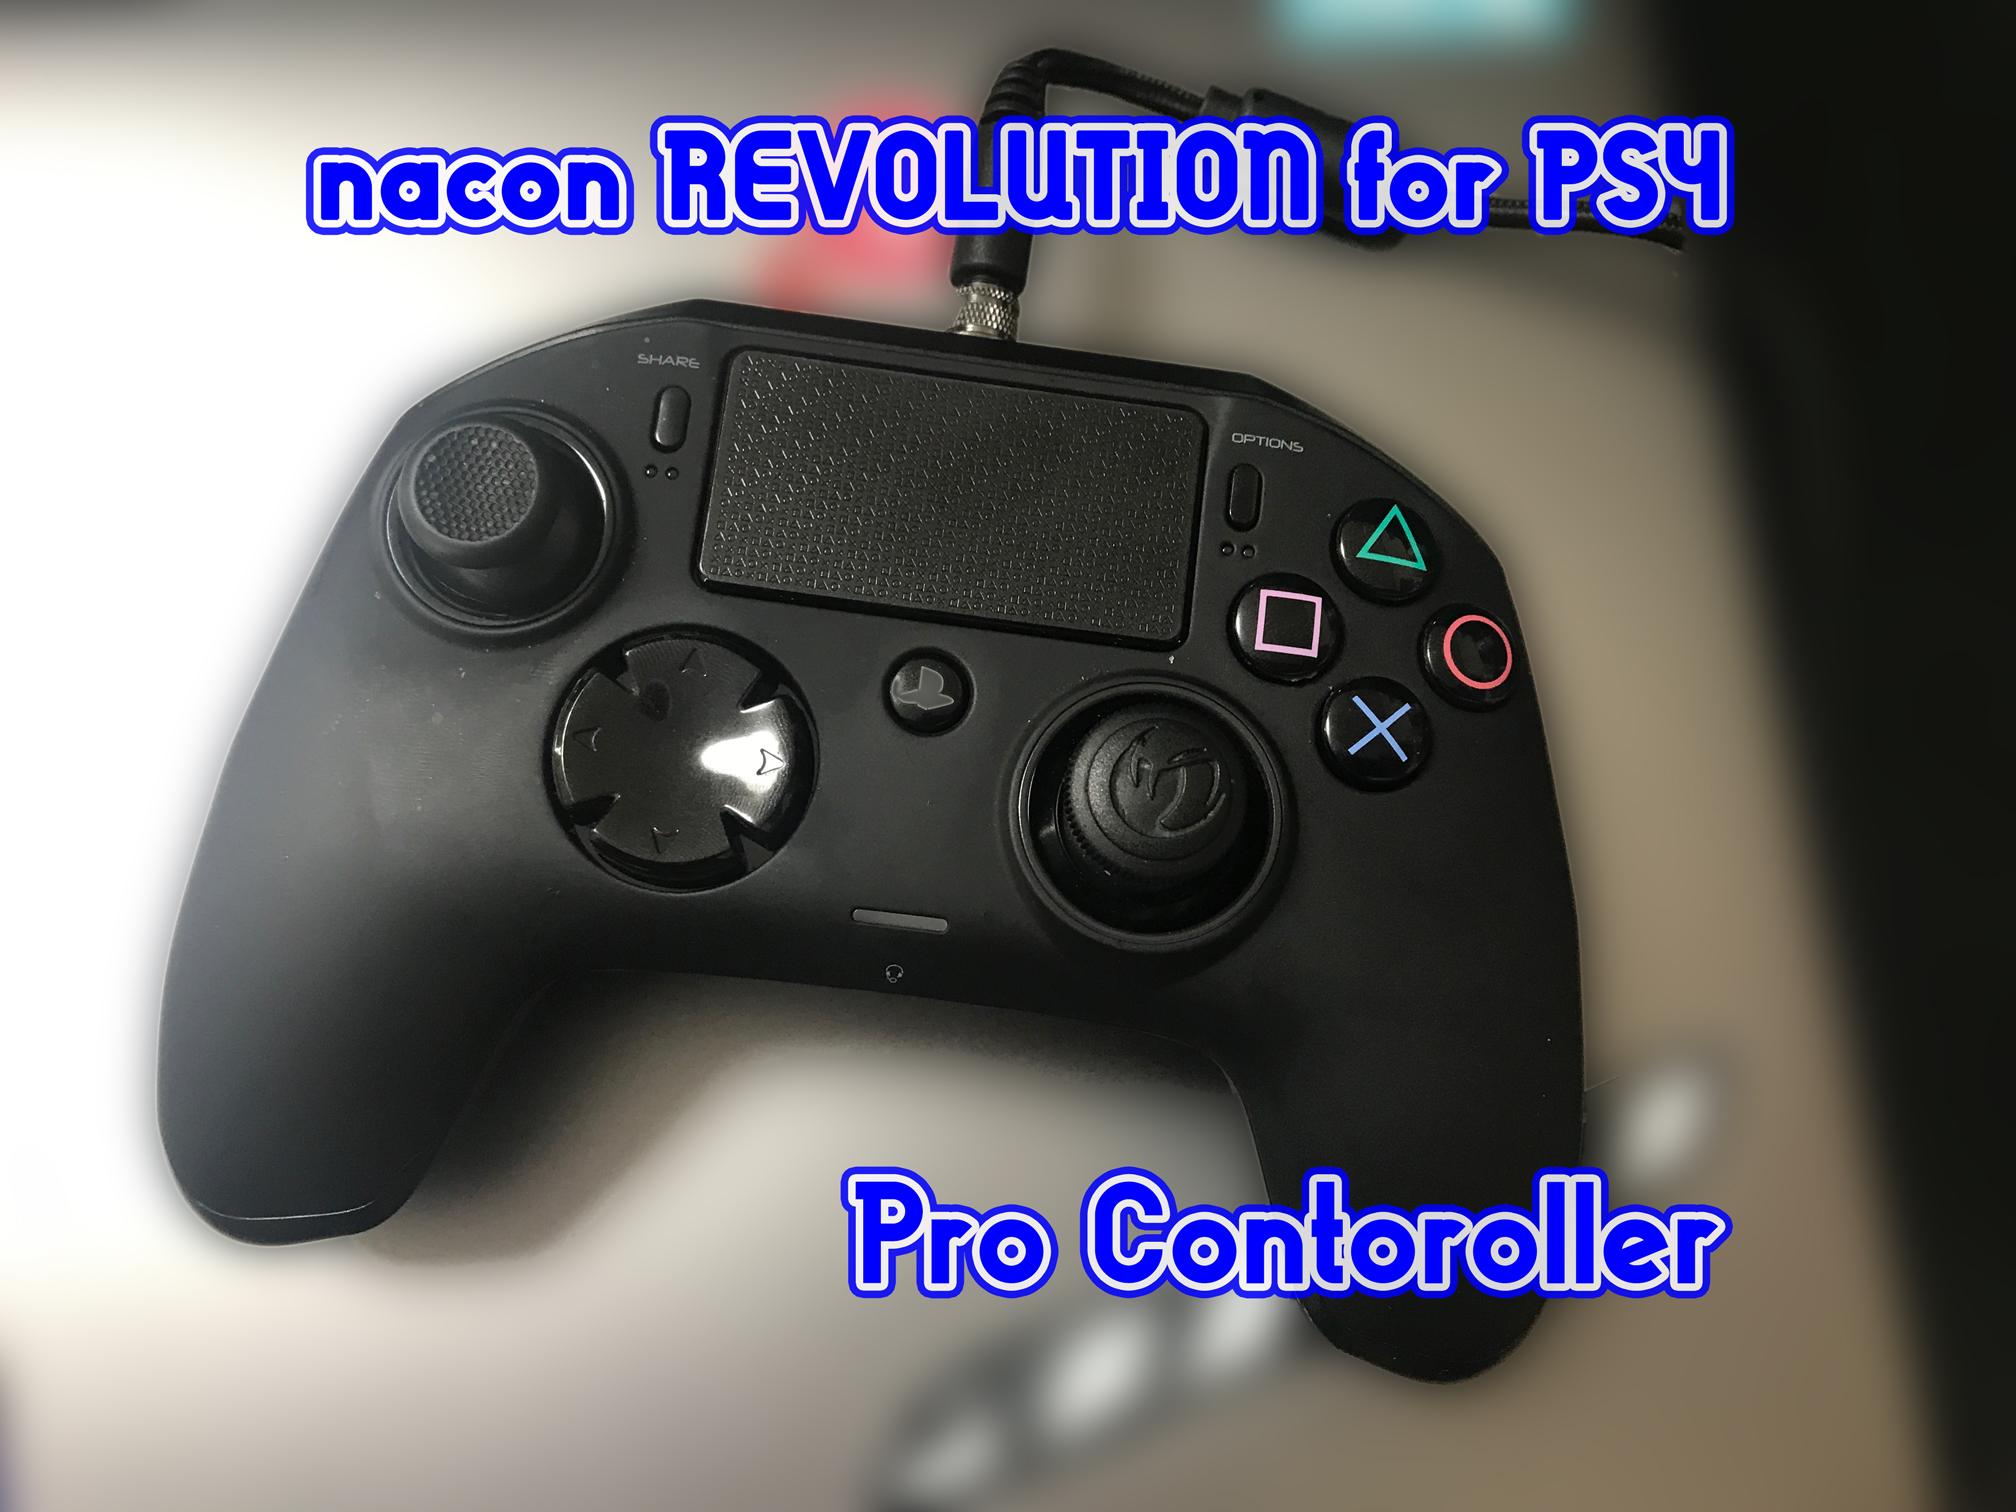 【レビュー】nacon Revolution Pro Contoroller使ってみた